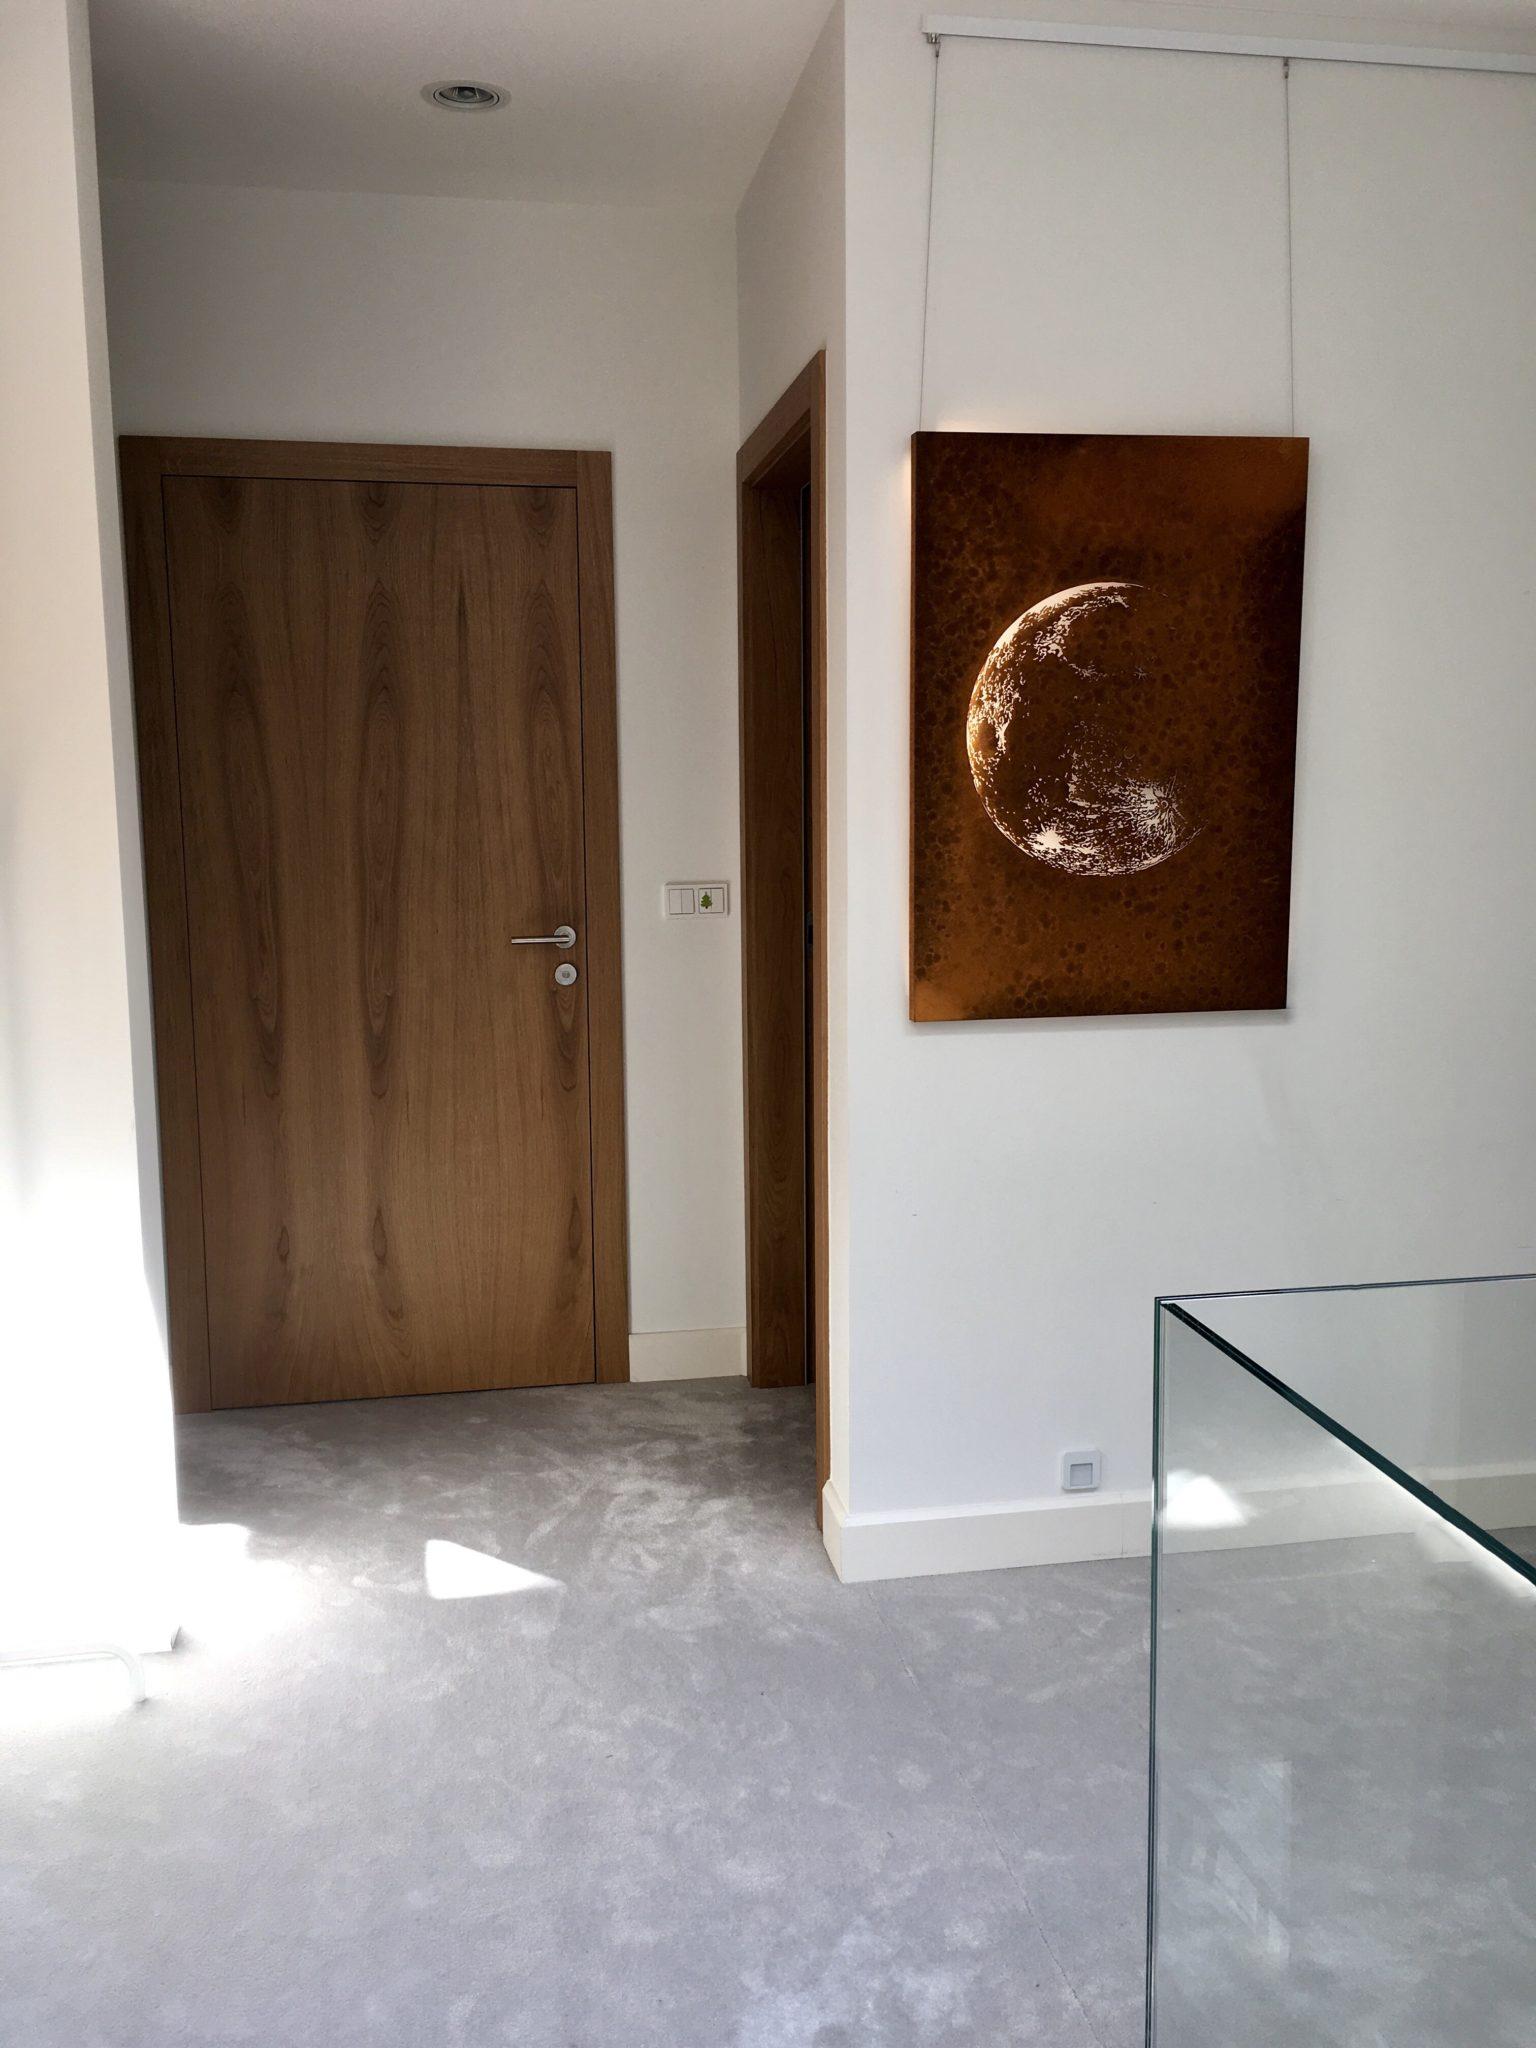 Obraz-metalowy-na-ścianę-księżyc_2